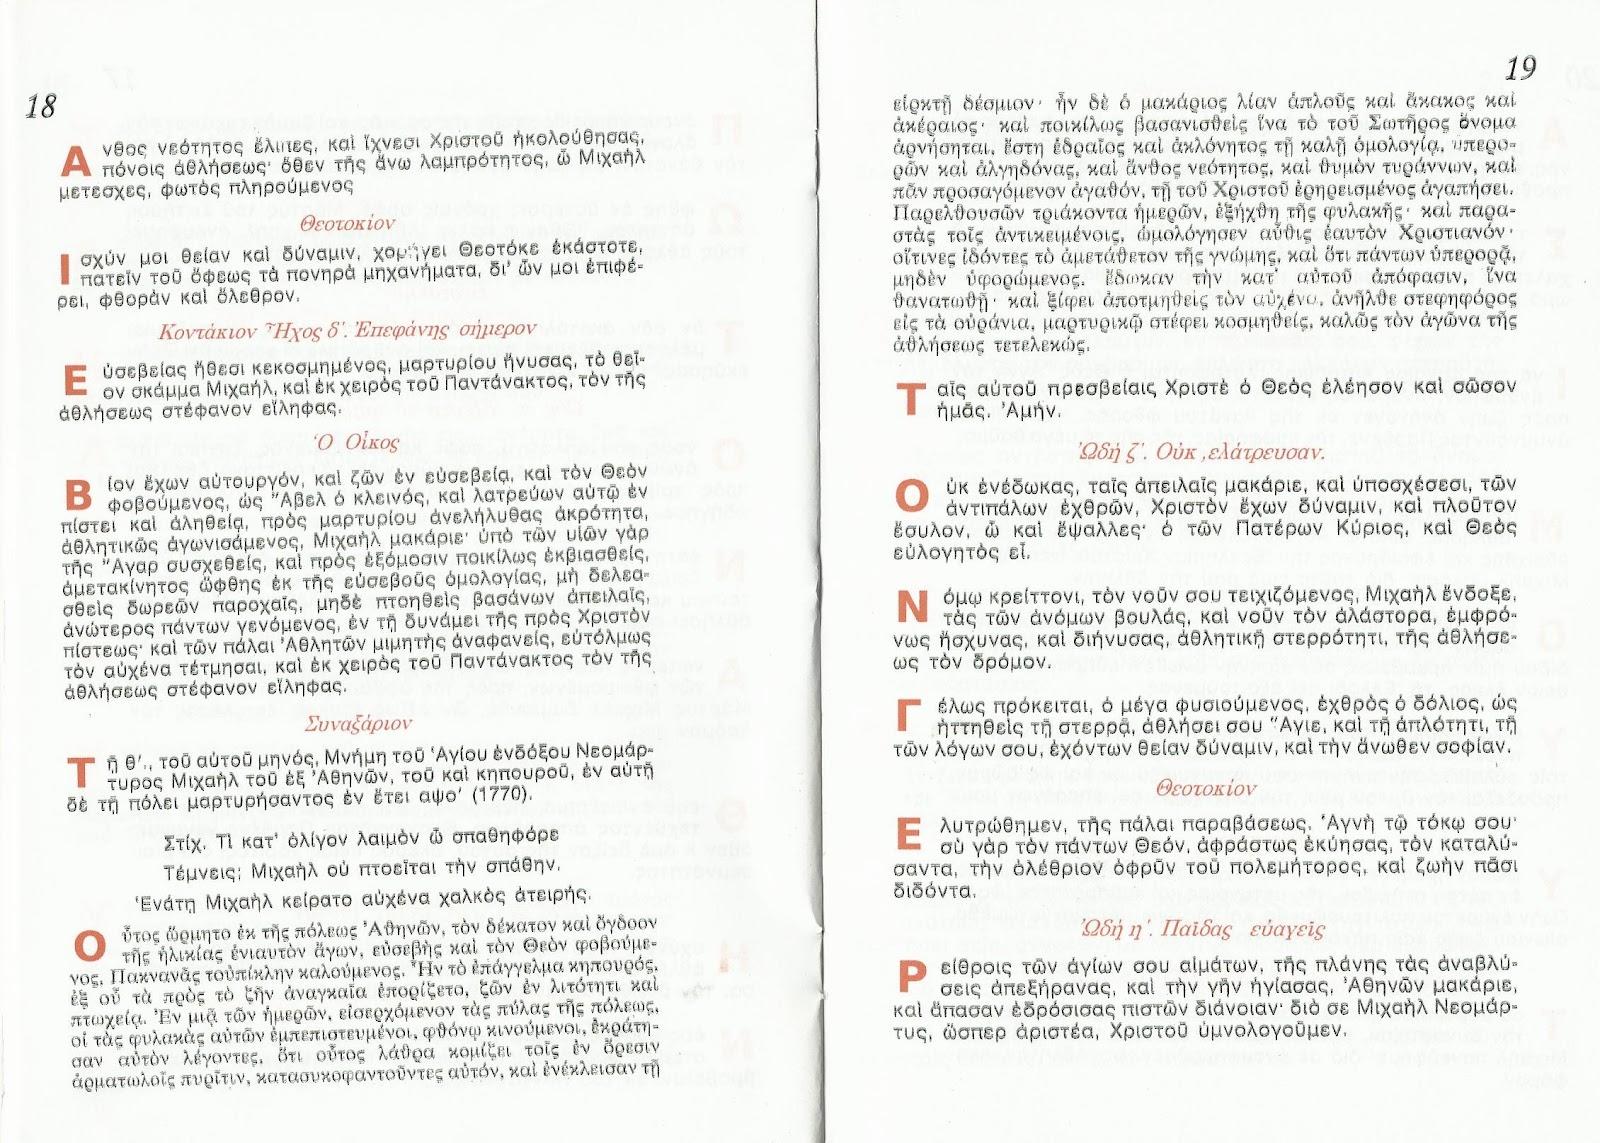 ΜΙΧΑΗΛ ΠΑΚΝΑΝΑΣ ΝΕΟΜΑΡΤΥΣ ΑΘΗΝΩΝ - ΑΚΟΛΟΥΘΙΑ ΚΑΙ ΠΑΡΑΚΛΗΣΙΣ